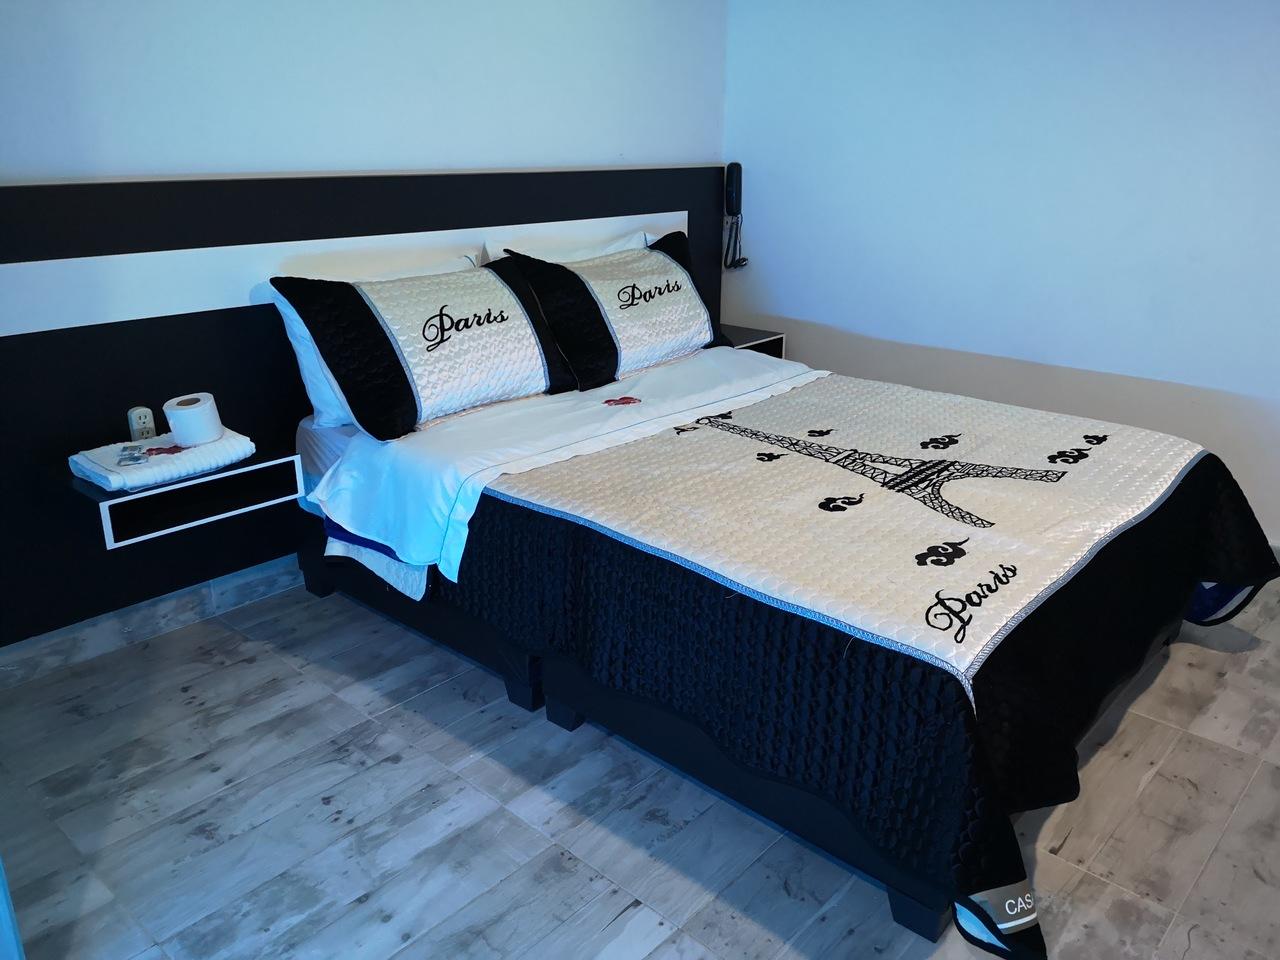 Habitación Suite Jacuzzi en Risort Suite : MotelNow